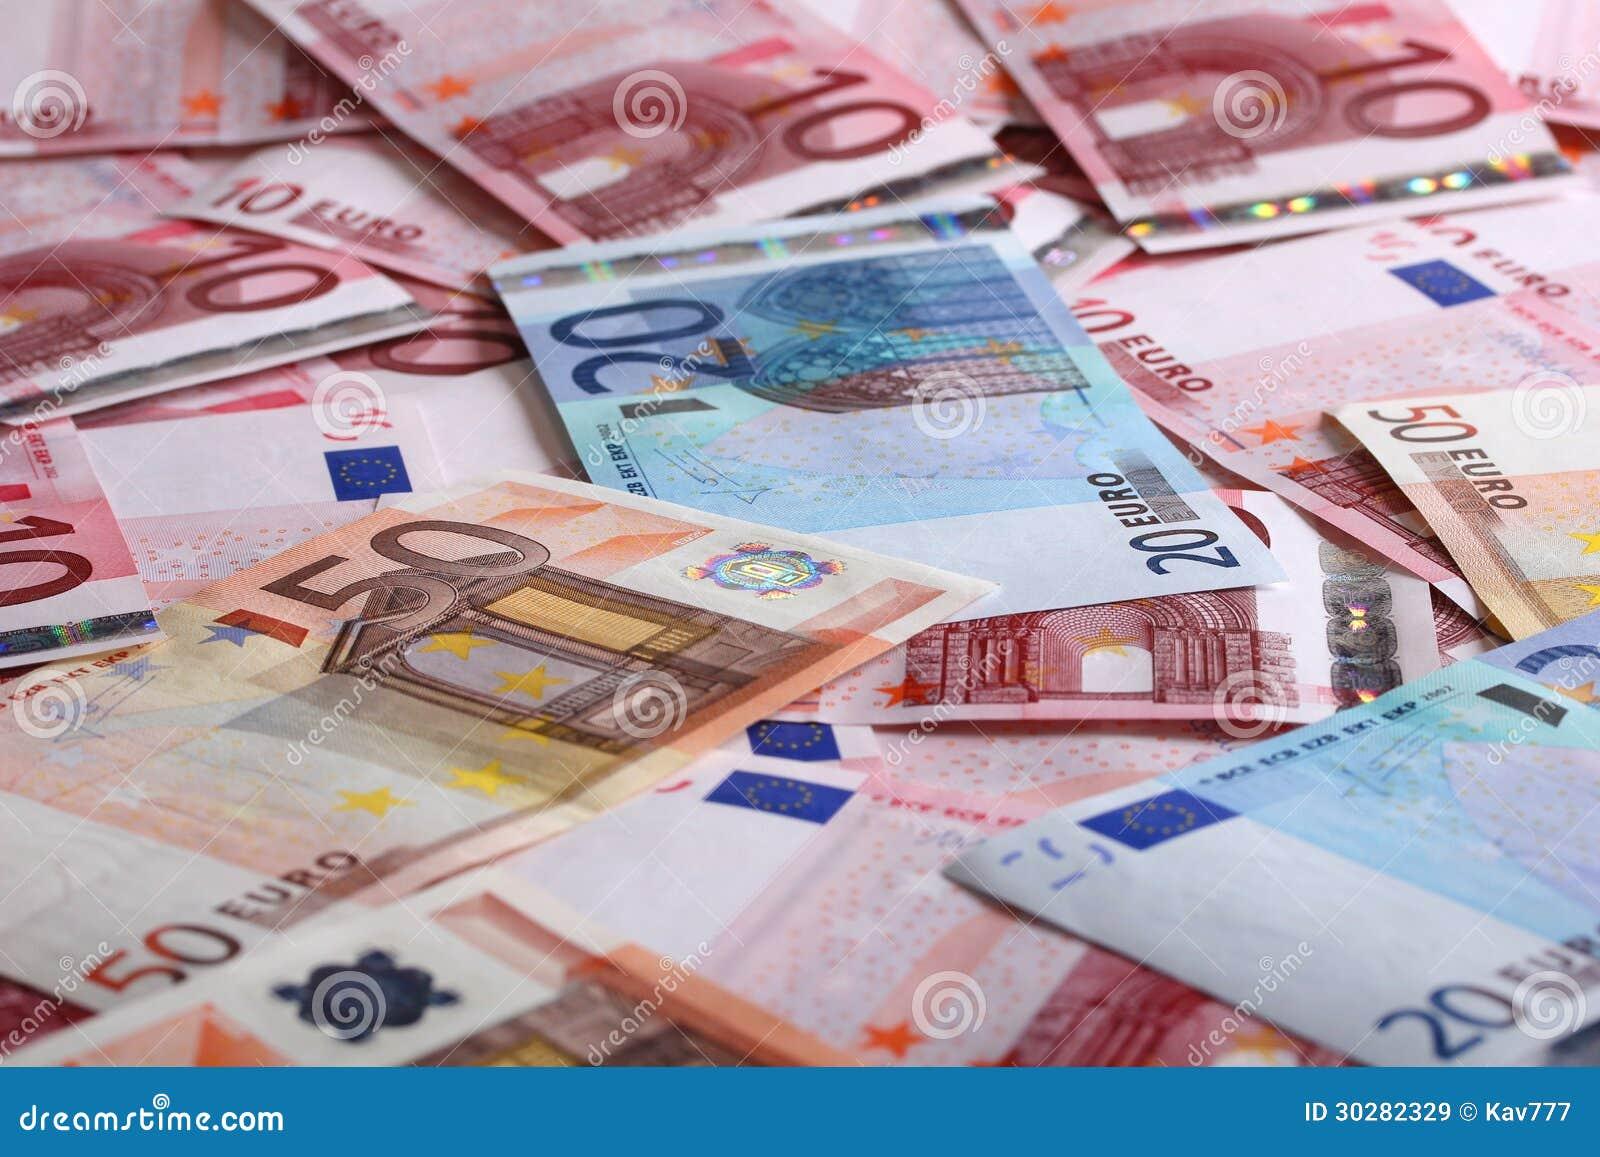 背景的很多欧元